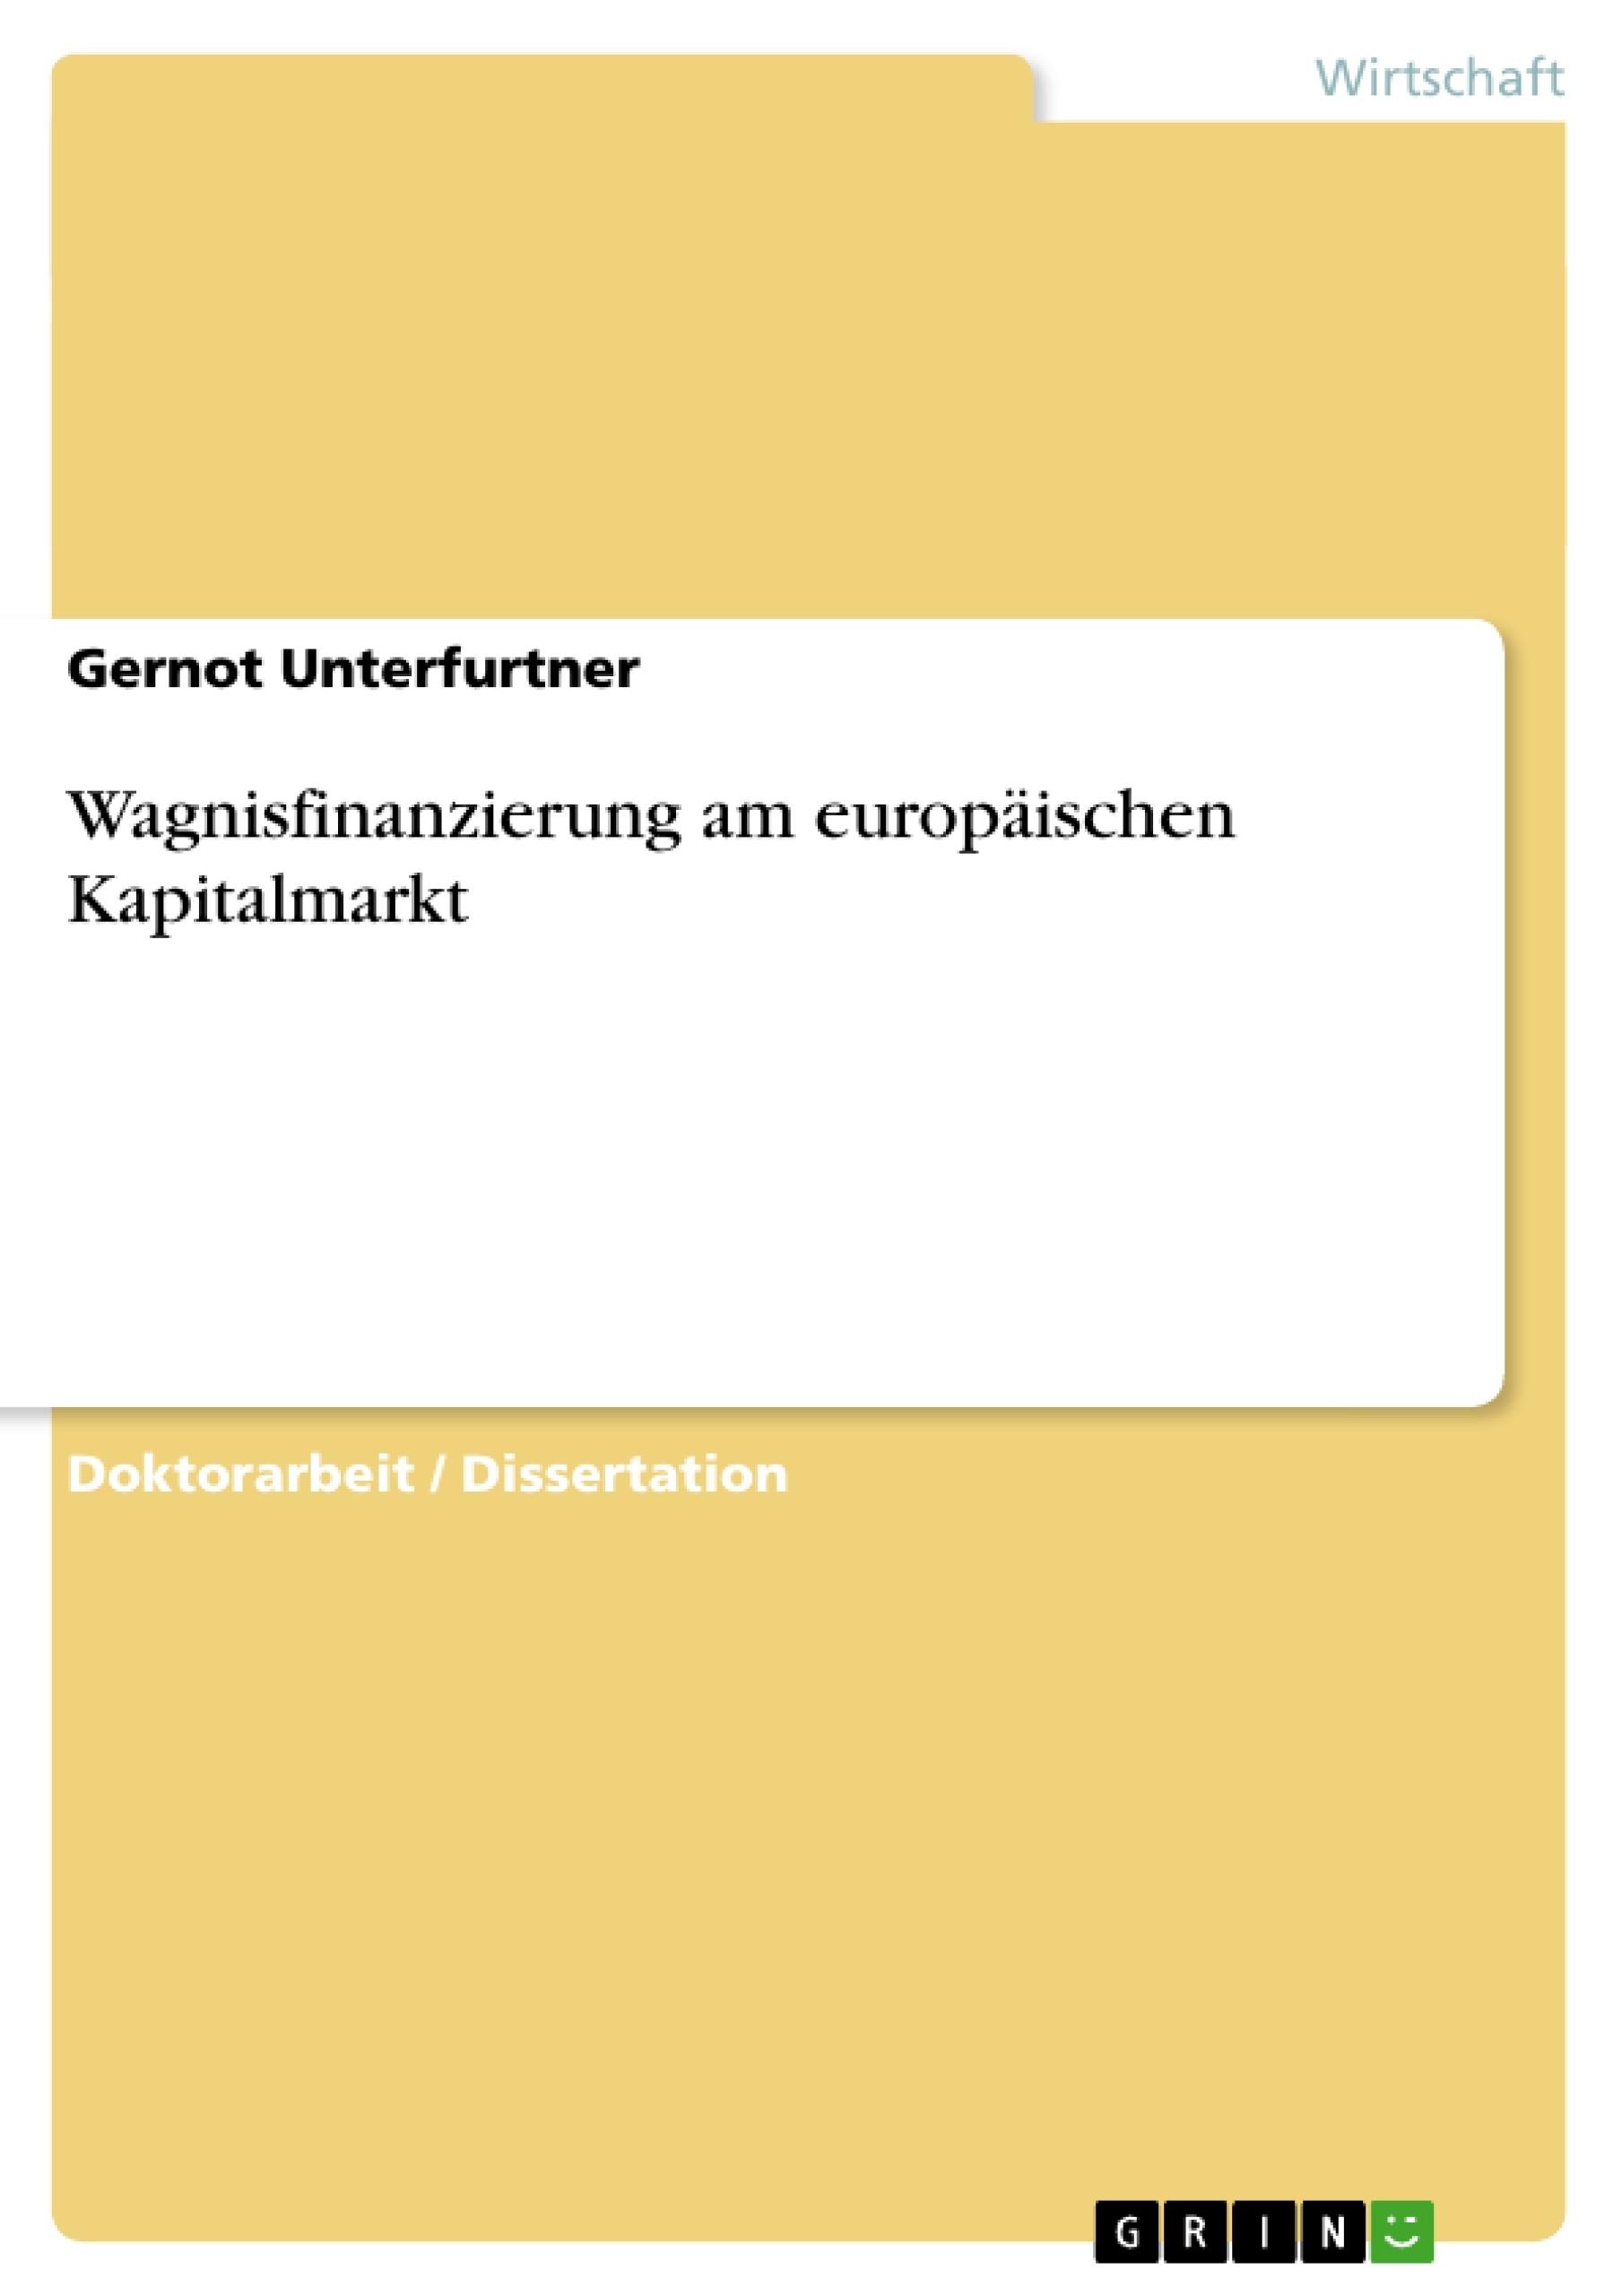 Titel: Wagnisfinanzierung am europäischen Kapitalmarkt